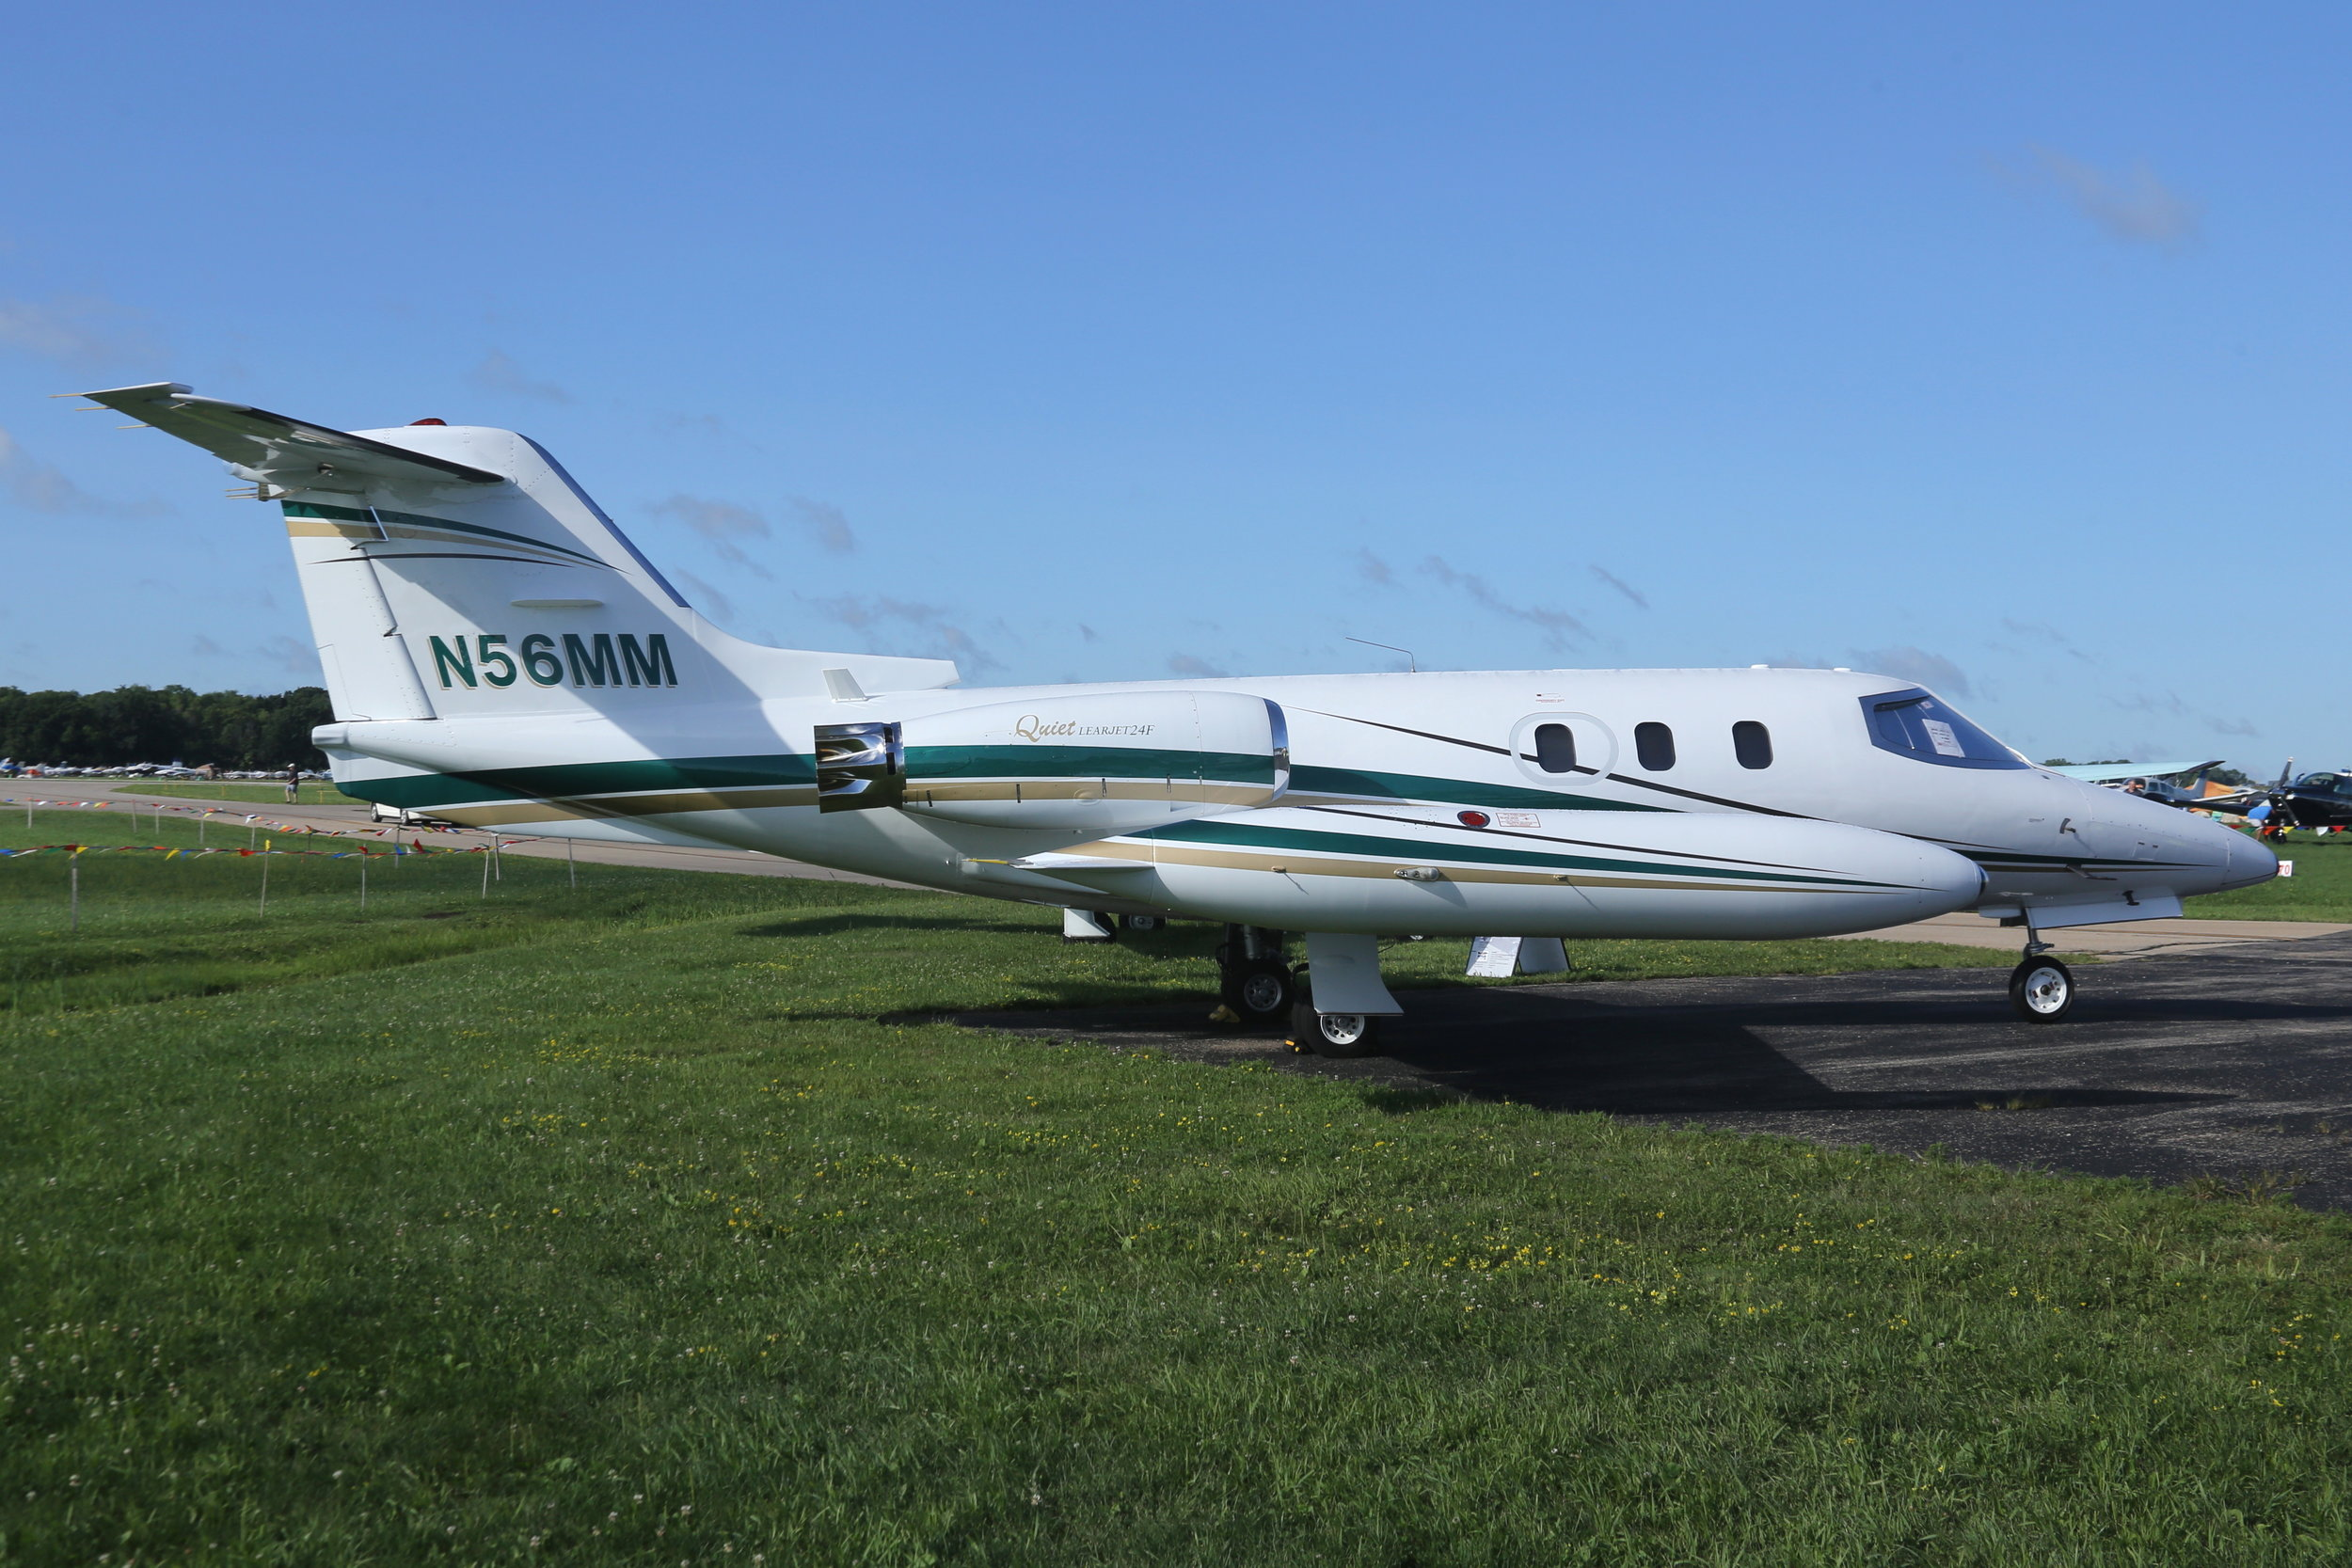 N56MM Northeast Aviation Learjet 24 taken at Whitman Regional Airport 26th July 2018 by John Wood